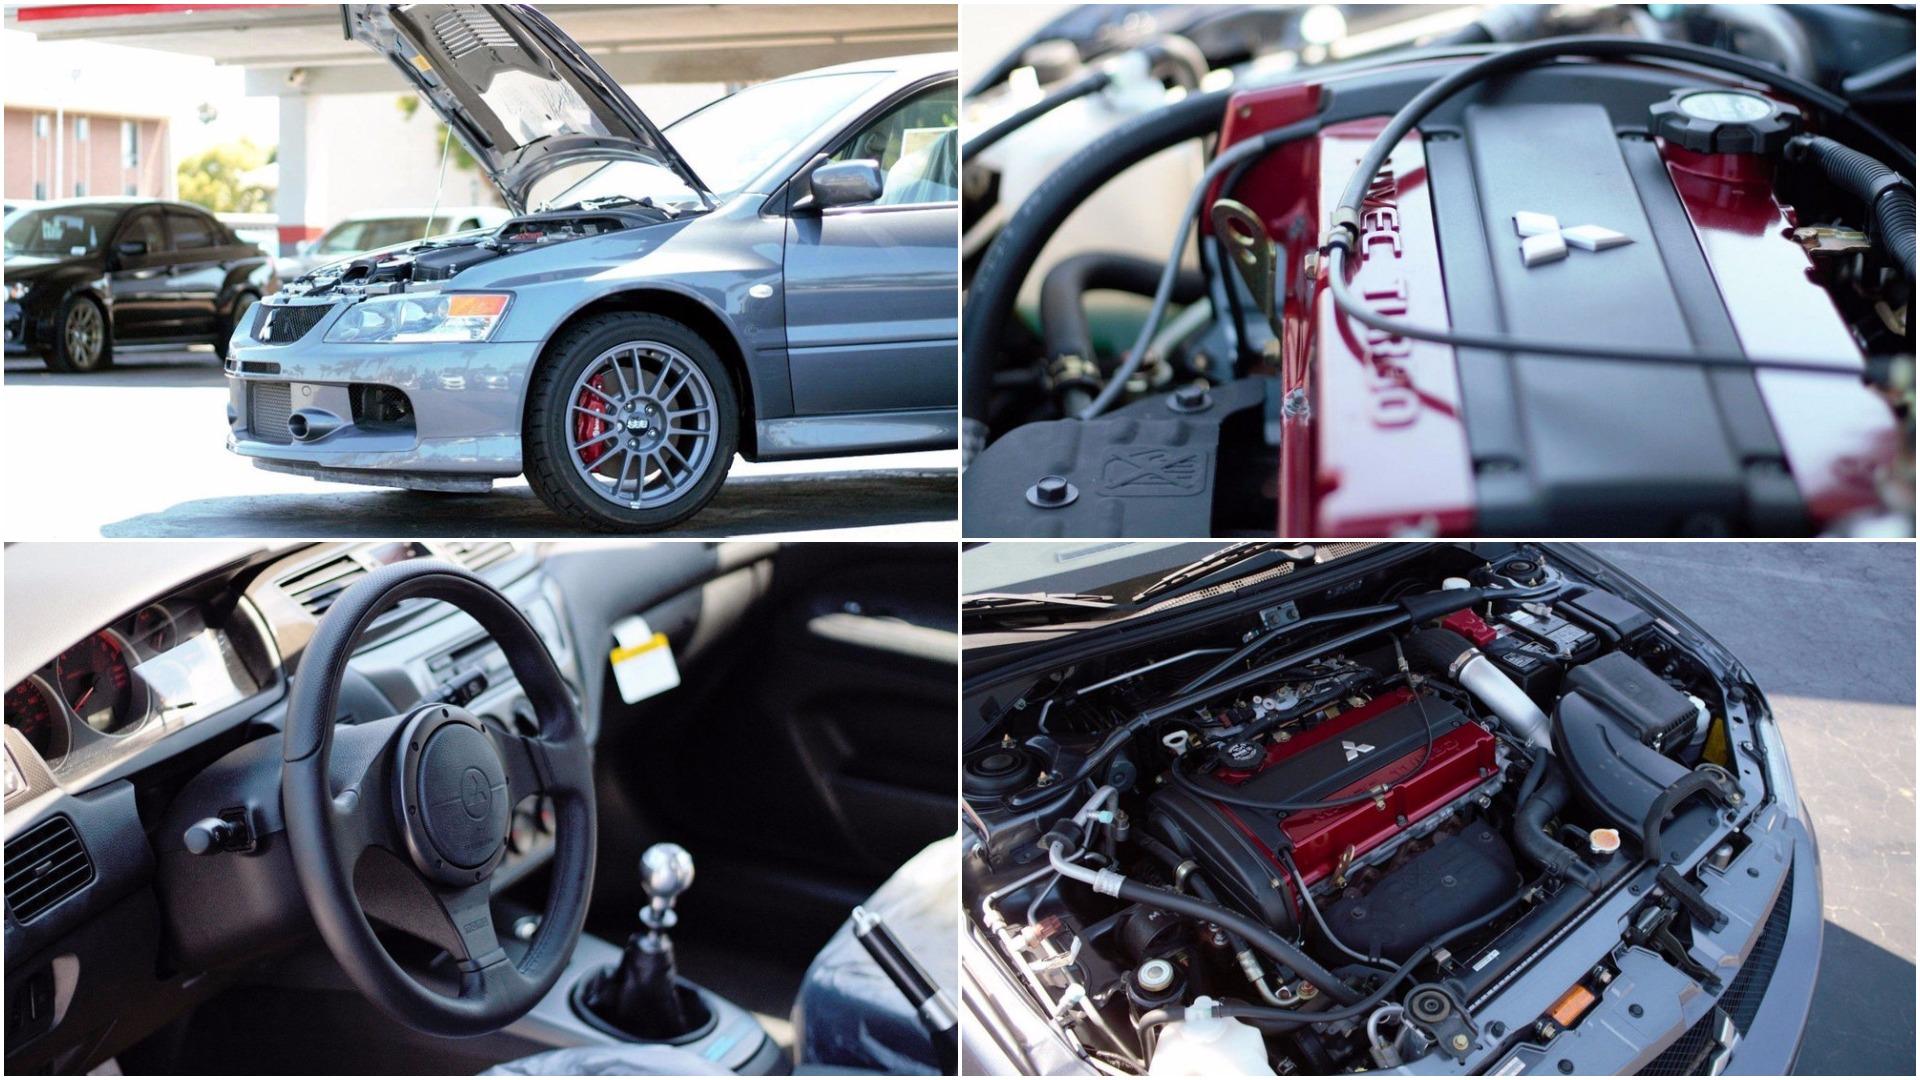 Um Stand Da Califórnia Vende Um Mitsubishi Lancer Evolution IX 2006 Nunca  Usado, Este Mitsubishi Que Marca Menos De 15 Km No Lendário Painel é O  Sonho De ...